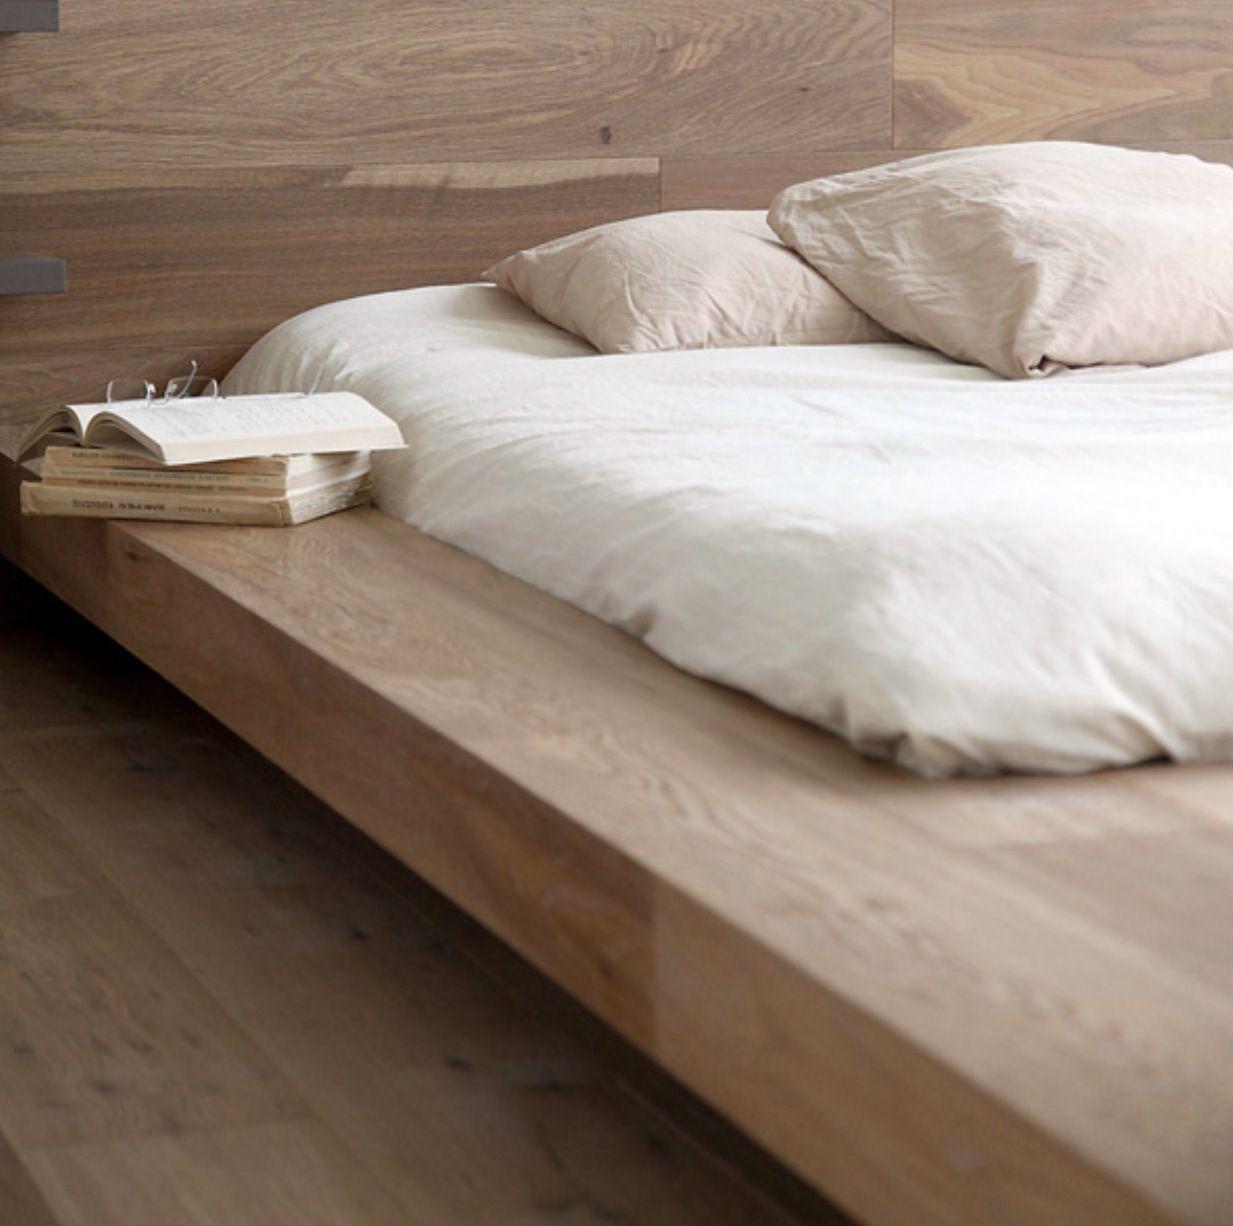 Modern Timber Floating Bed Bed Goals, Floating Bed, Bedroom Lighting, Bed  Design,